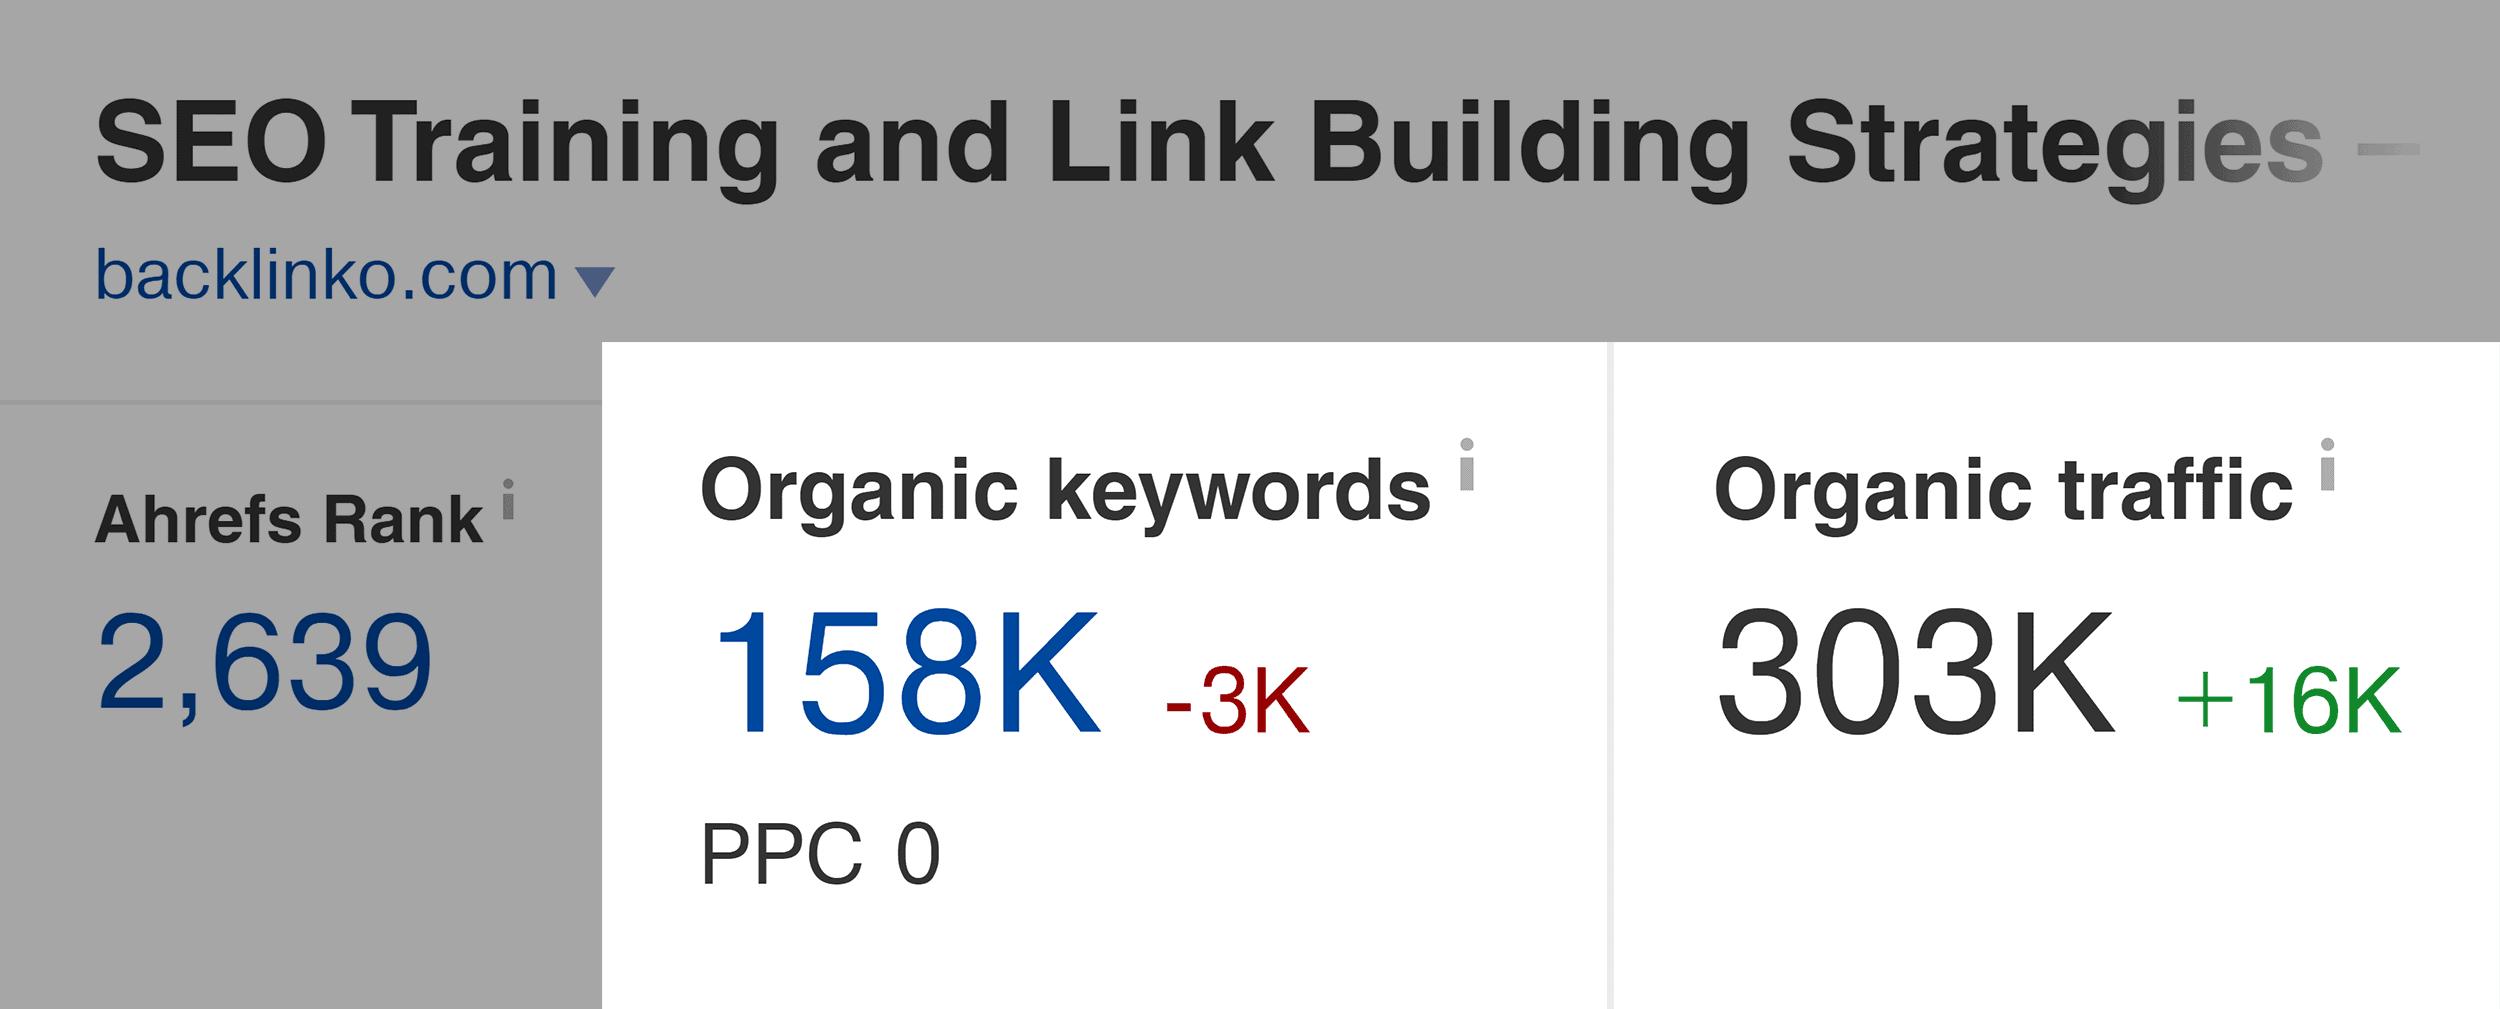 Ahrefs – Backlinko organic keywords and traffic